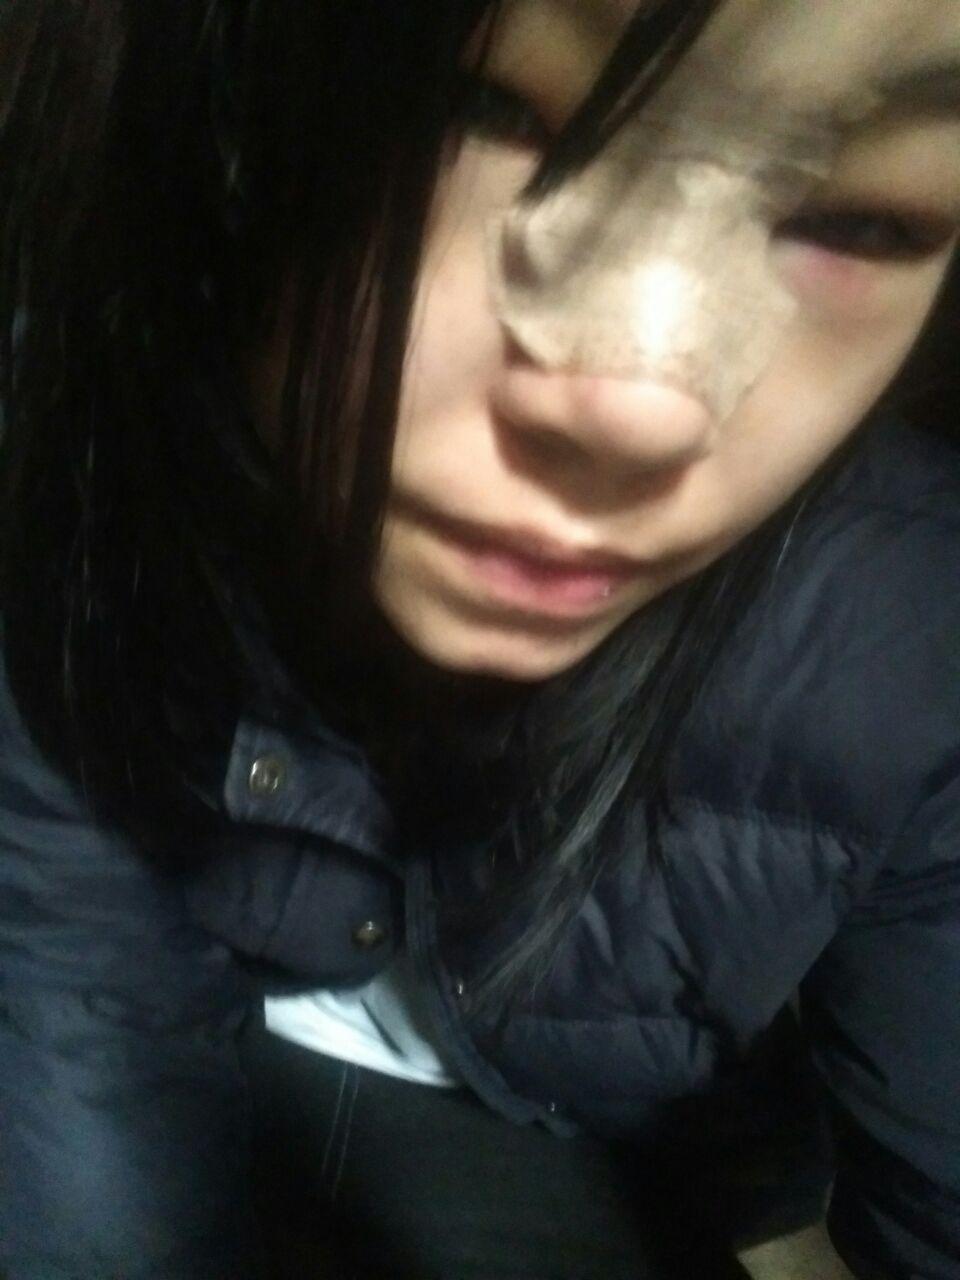 隆鼻后眼睛肿了怎么办,怎么办好肿啊,怎么能快点消肿